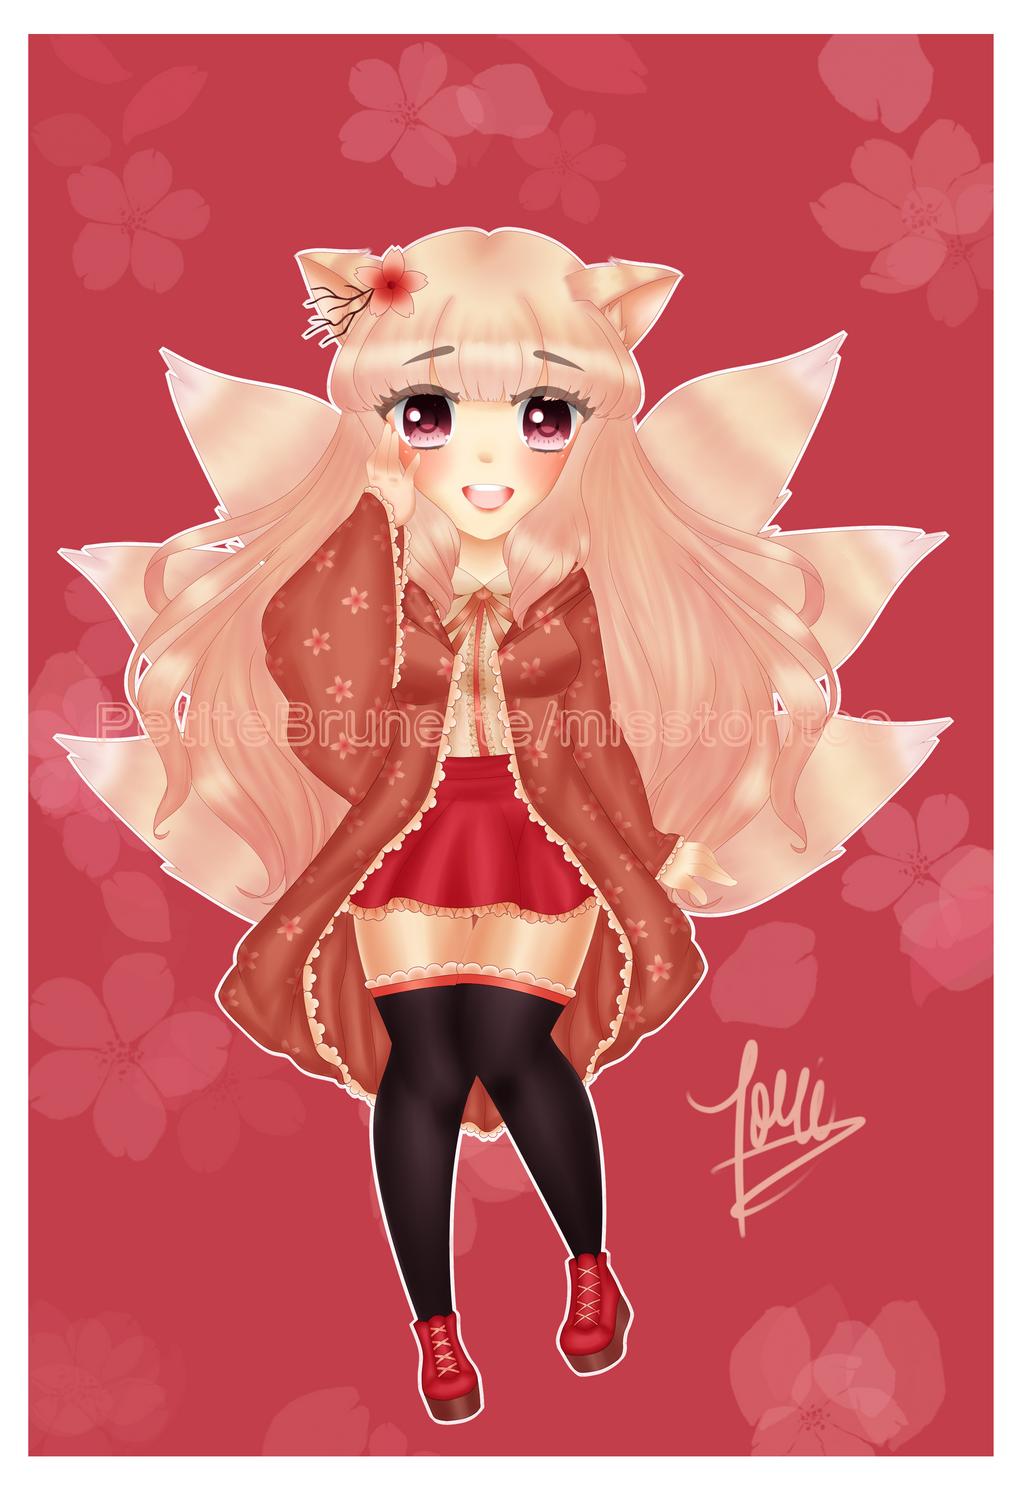 :GACHA: Sakura Kitsune~ by PetiteBrunette